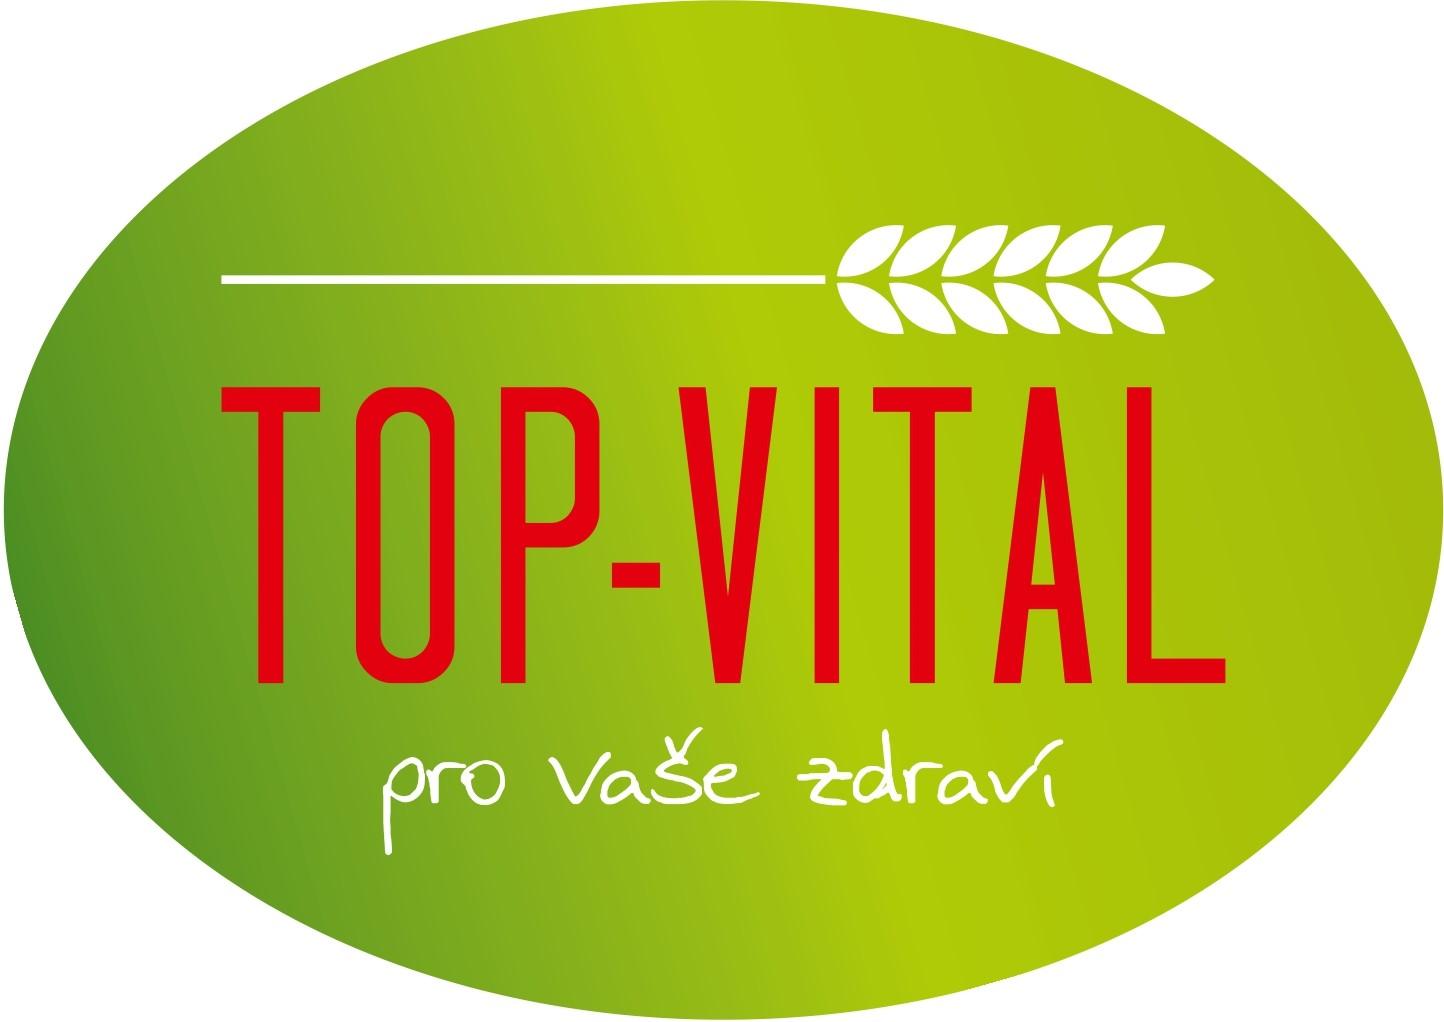 TOP VITAL - Pro Vaše zdraví